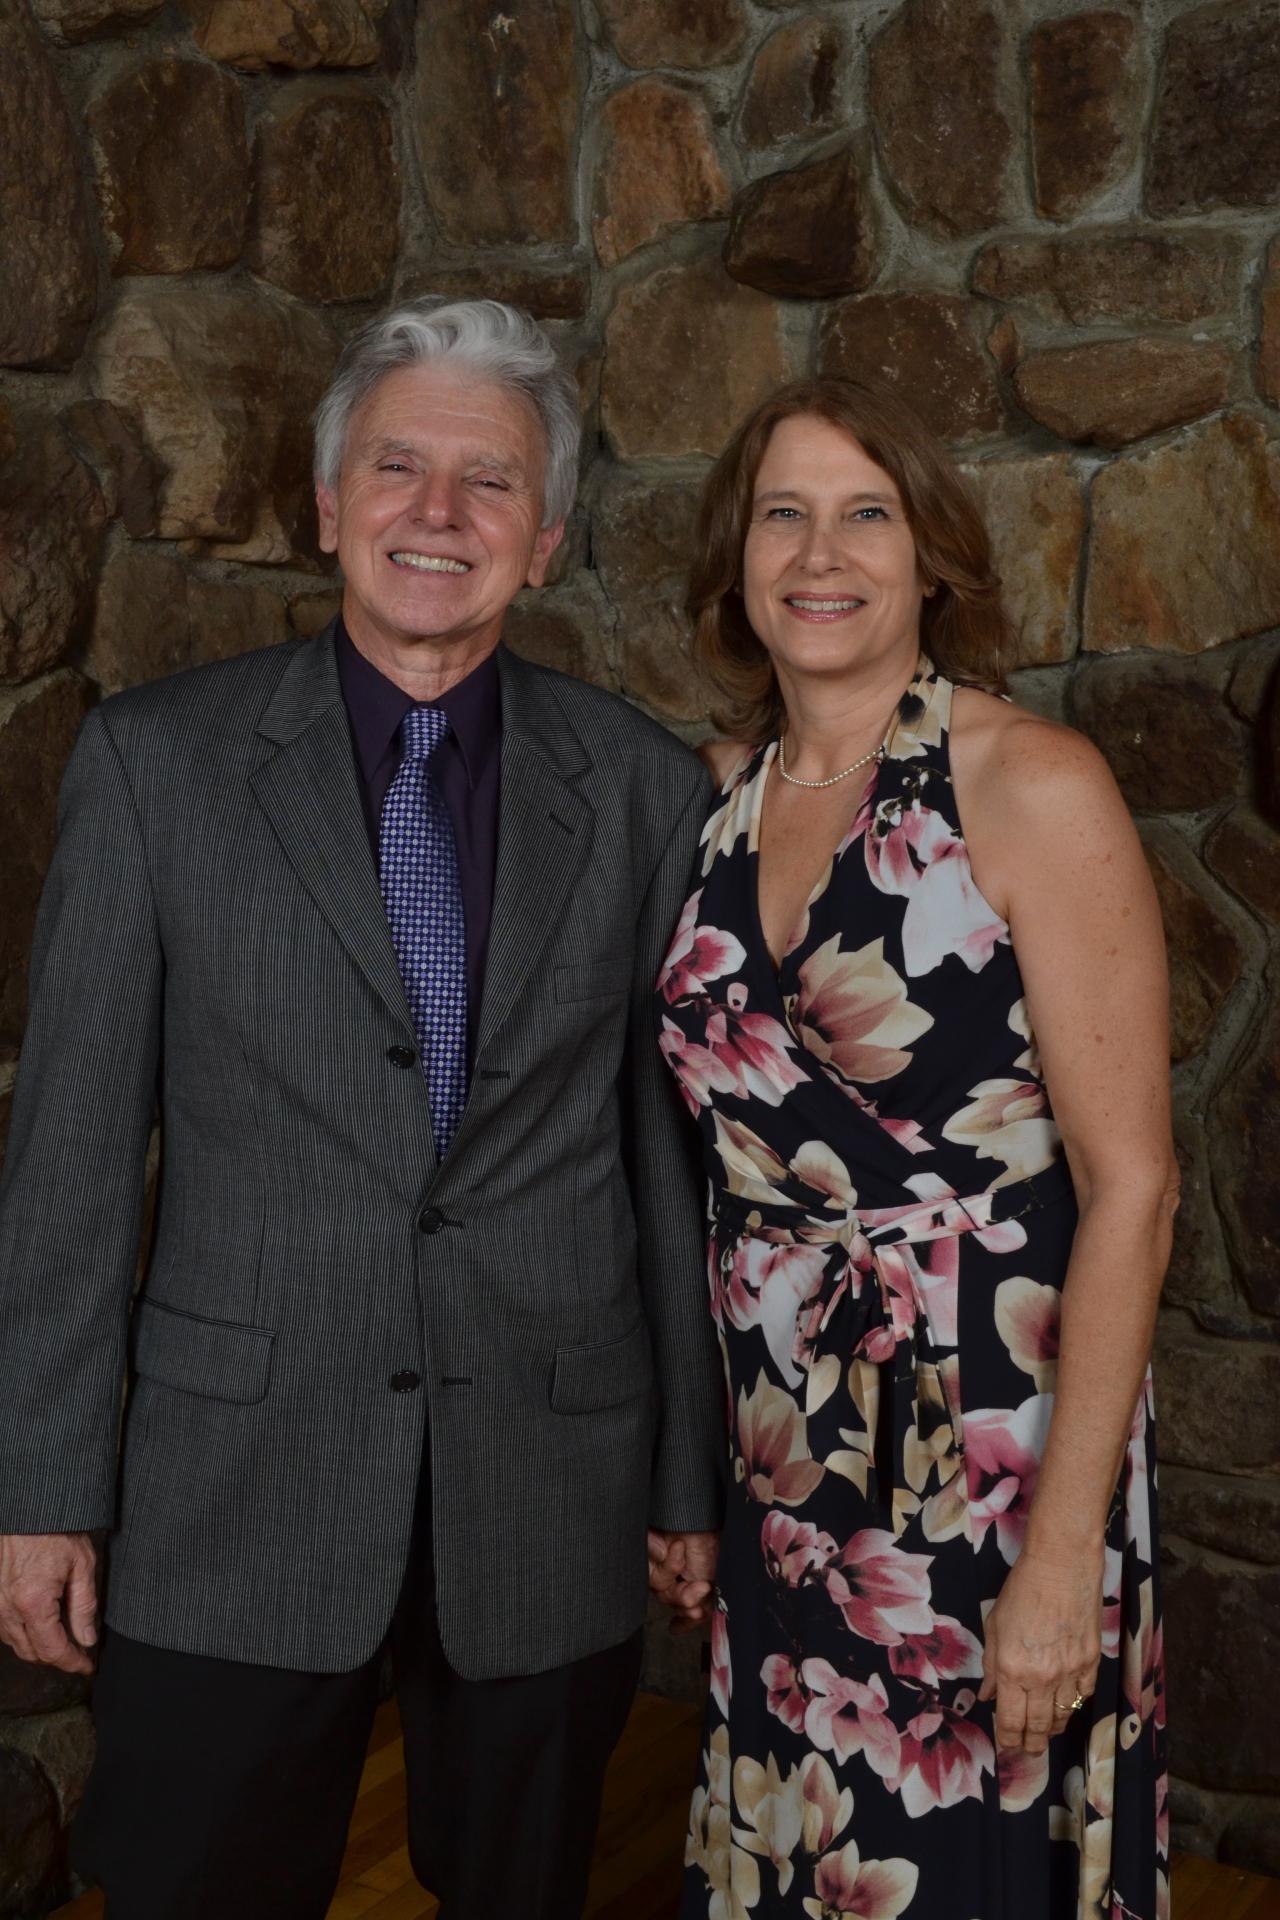 Don and Christina